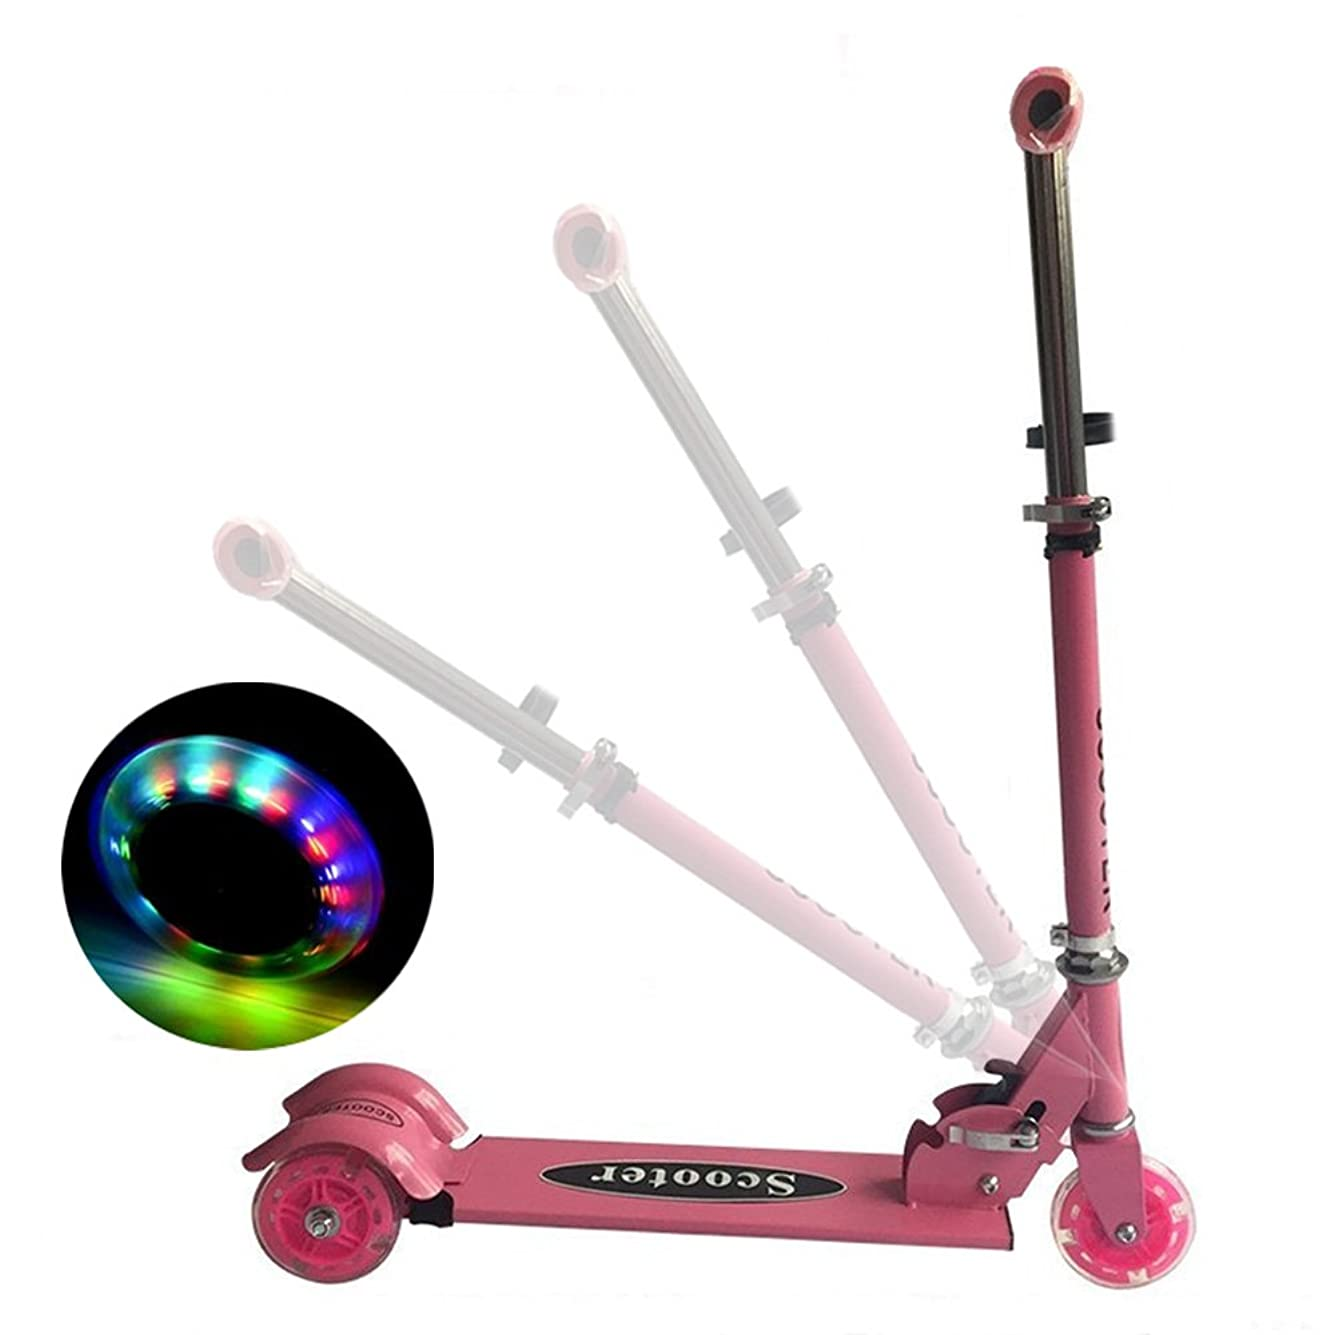 商品交通ハチSanato 3輪式キックスクーター こども キックボード 光るタイヤ 3段階調節可 折りたたみ式 ピンク